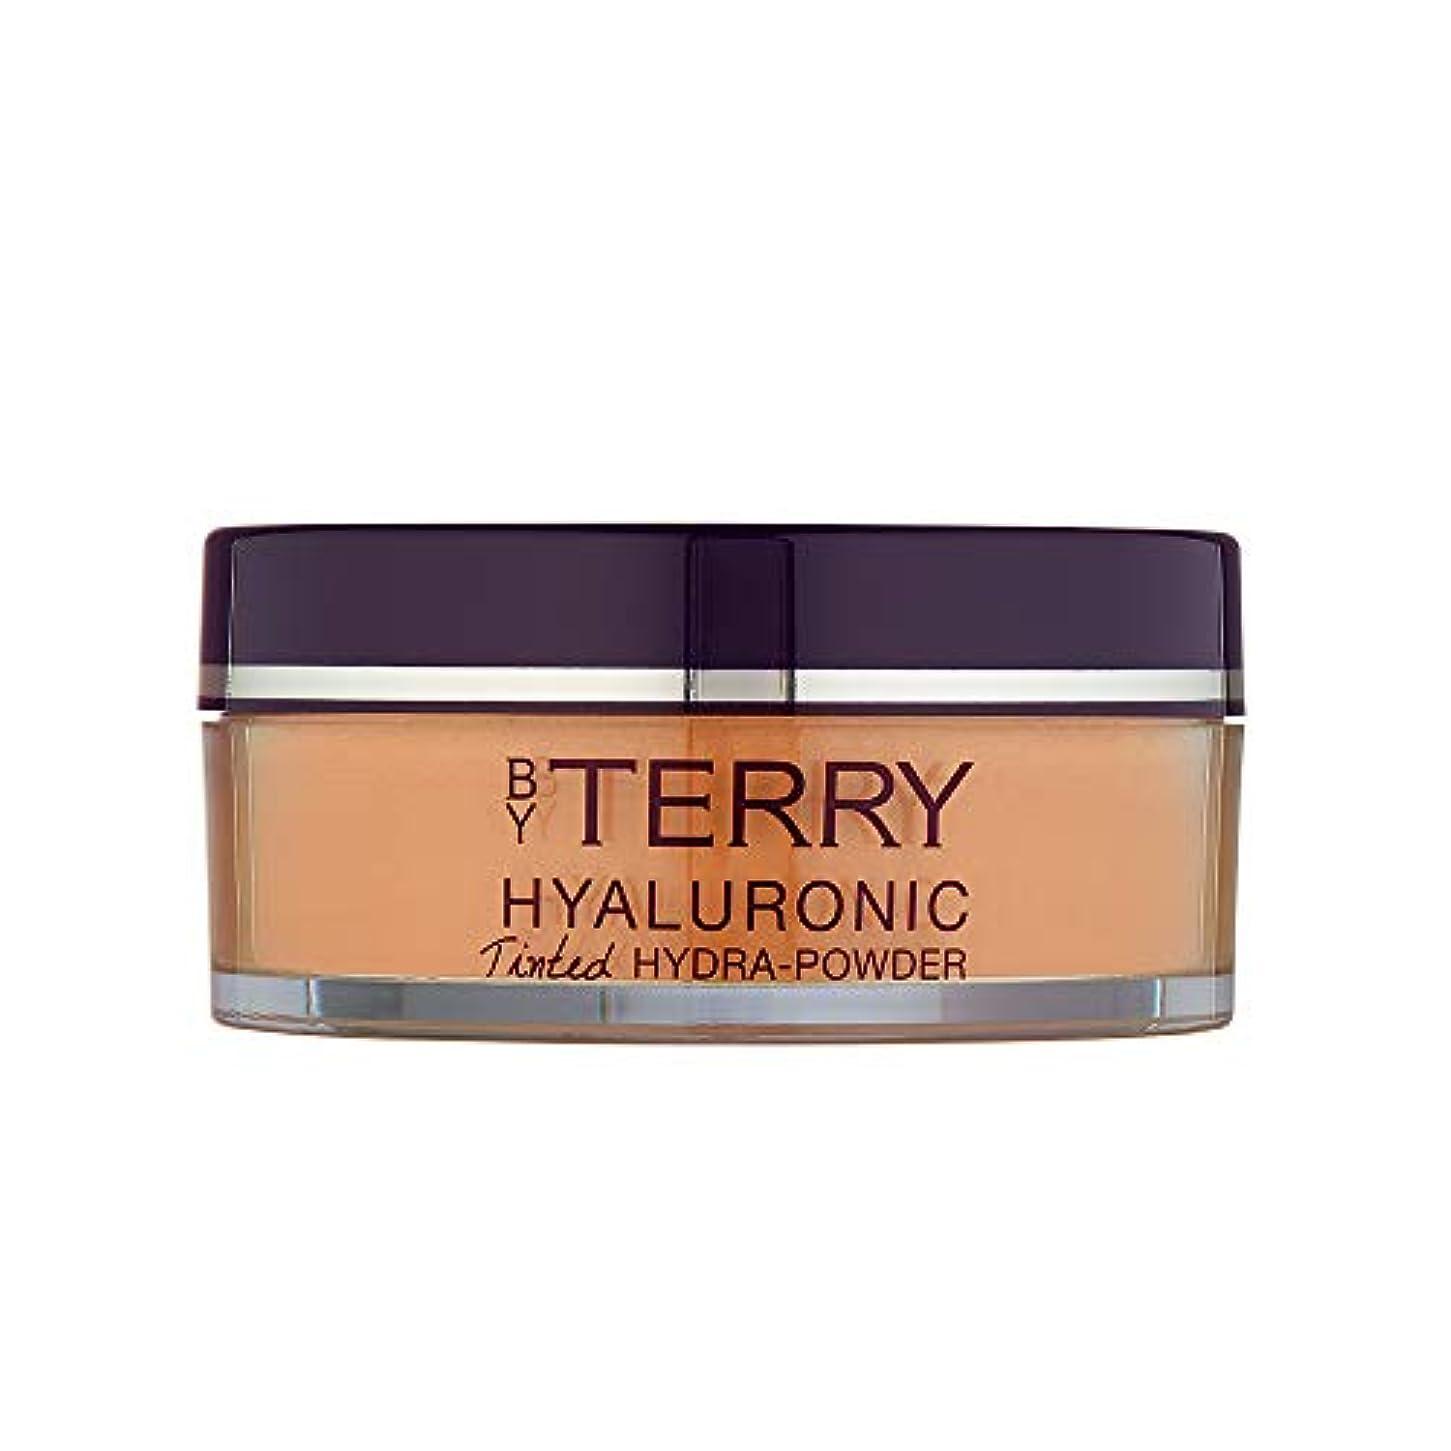 帽子熟達した居住者バイテリー Hyaluronic Tinted Hydra Care Setting Powder - # 400 Medium 10g/0.35oz並行輸入品